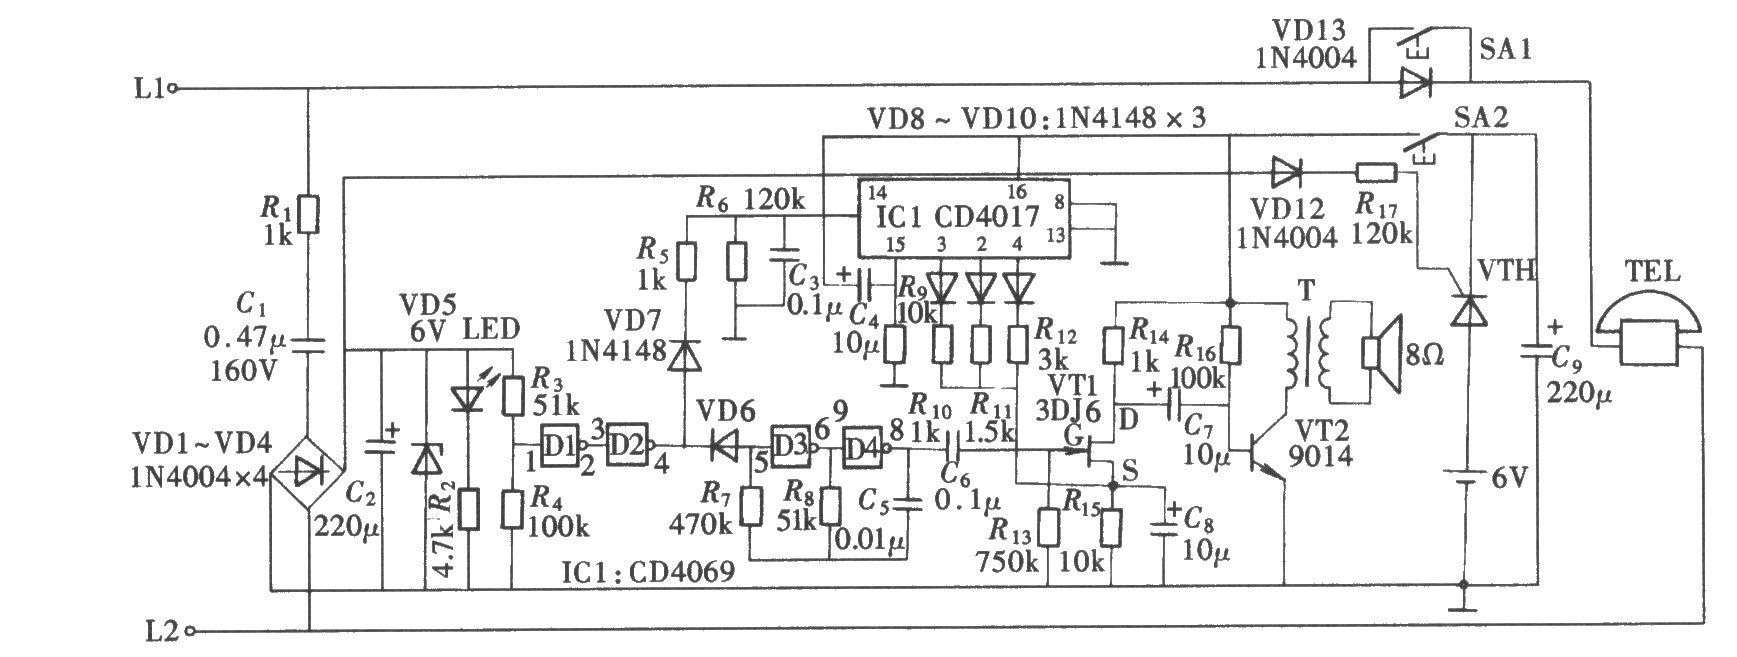 电话铃声渐响电路是在电话机外另加的附属装置,这套附属装置自己产生所需要的铃声信号,由电话线送来的铃声信号只作为渐响电路的控制信号。该电路中,由门电路CD4069组成的多谐振荡器来产生铃声信号,由一只场效应晶体管通过其互导Gm的变化来控制振荡器音量的放大和输出。而Gm的变化是由电话线送来的铃声的次数通过CD4017的换挡功能而实现的。电路的组成如图所示。